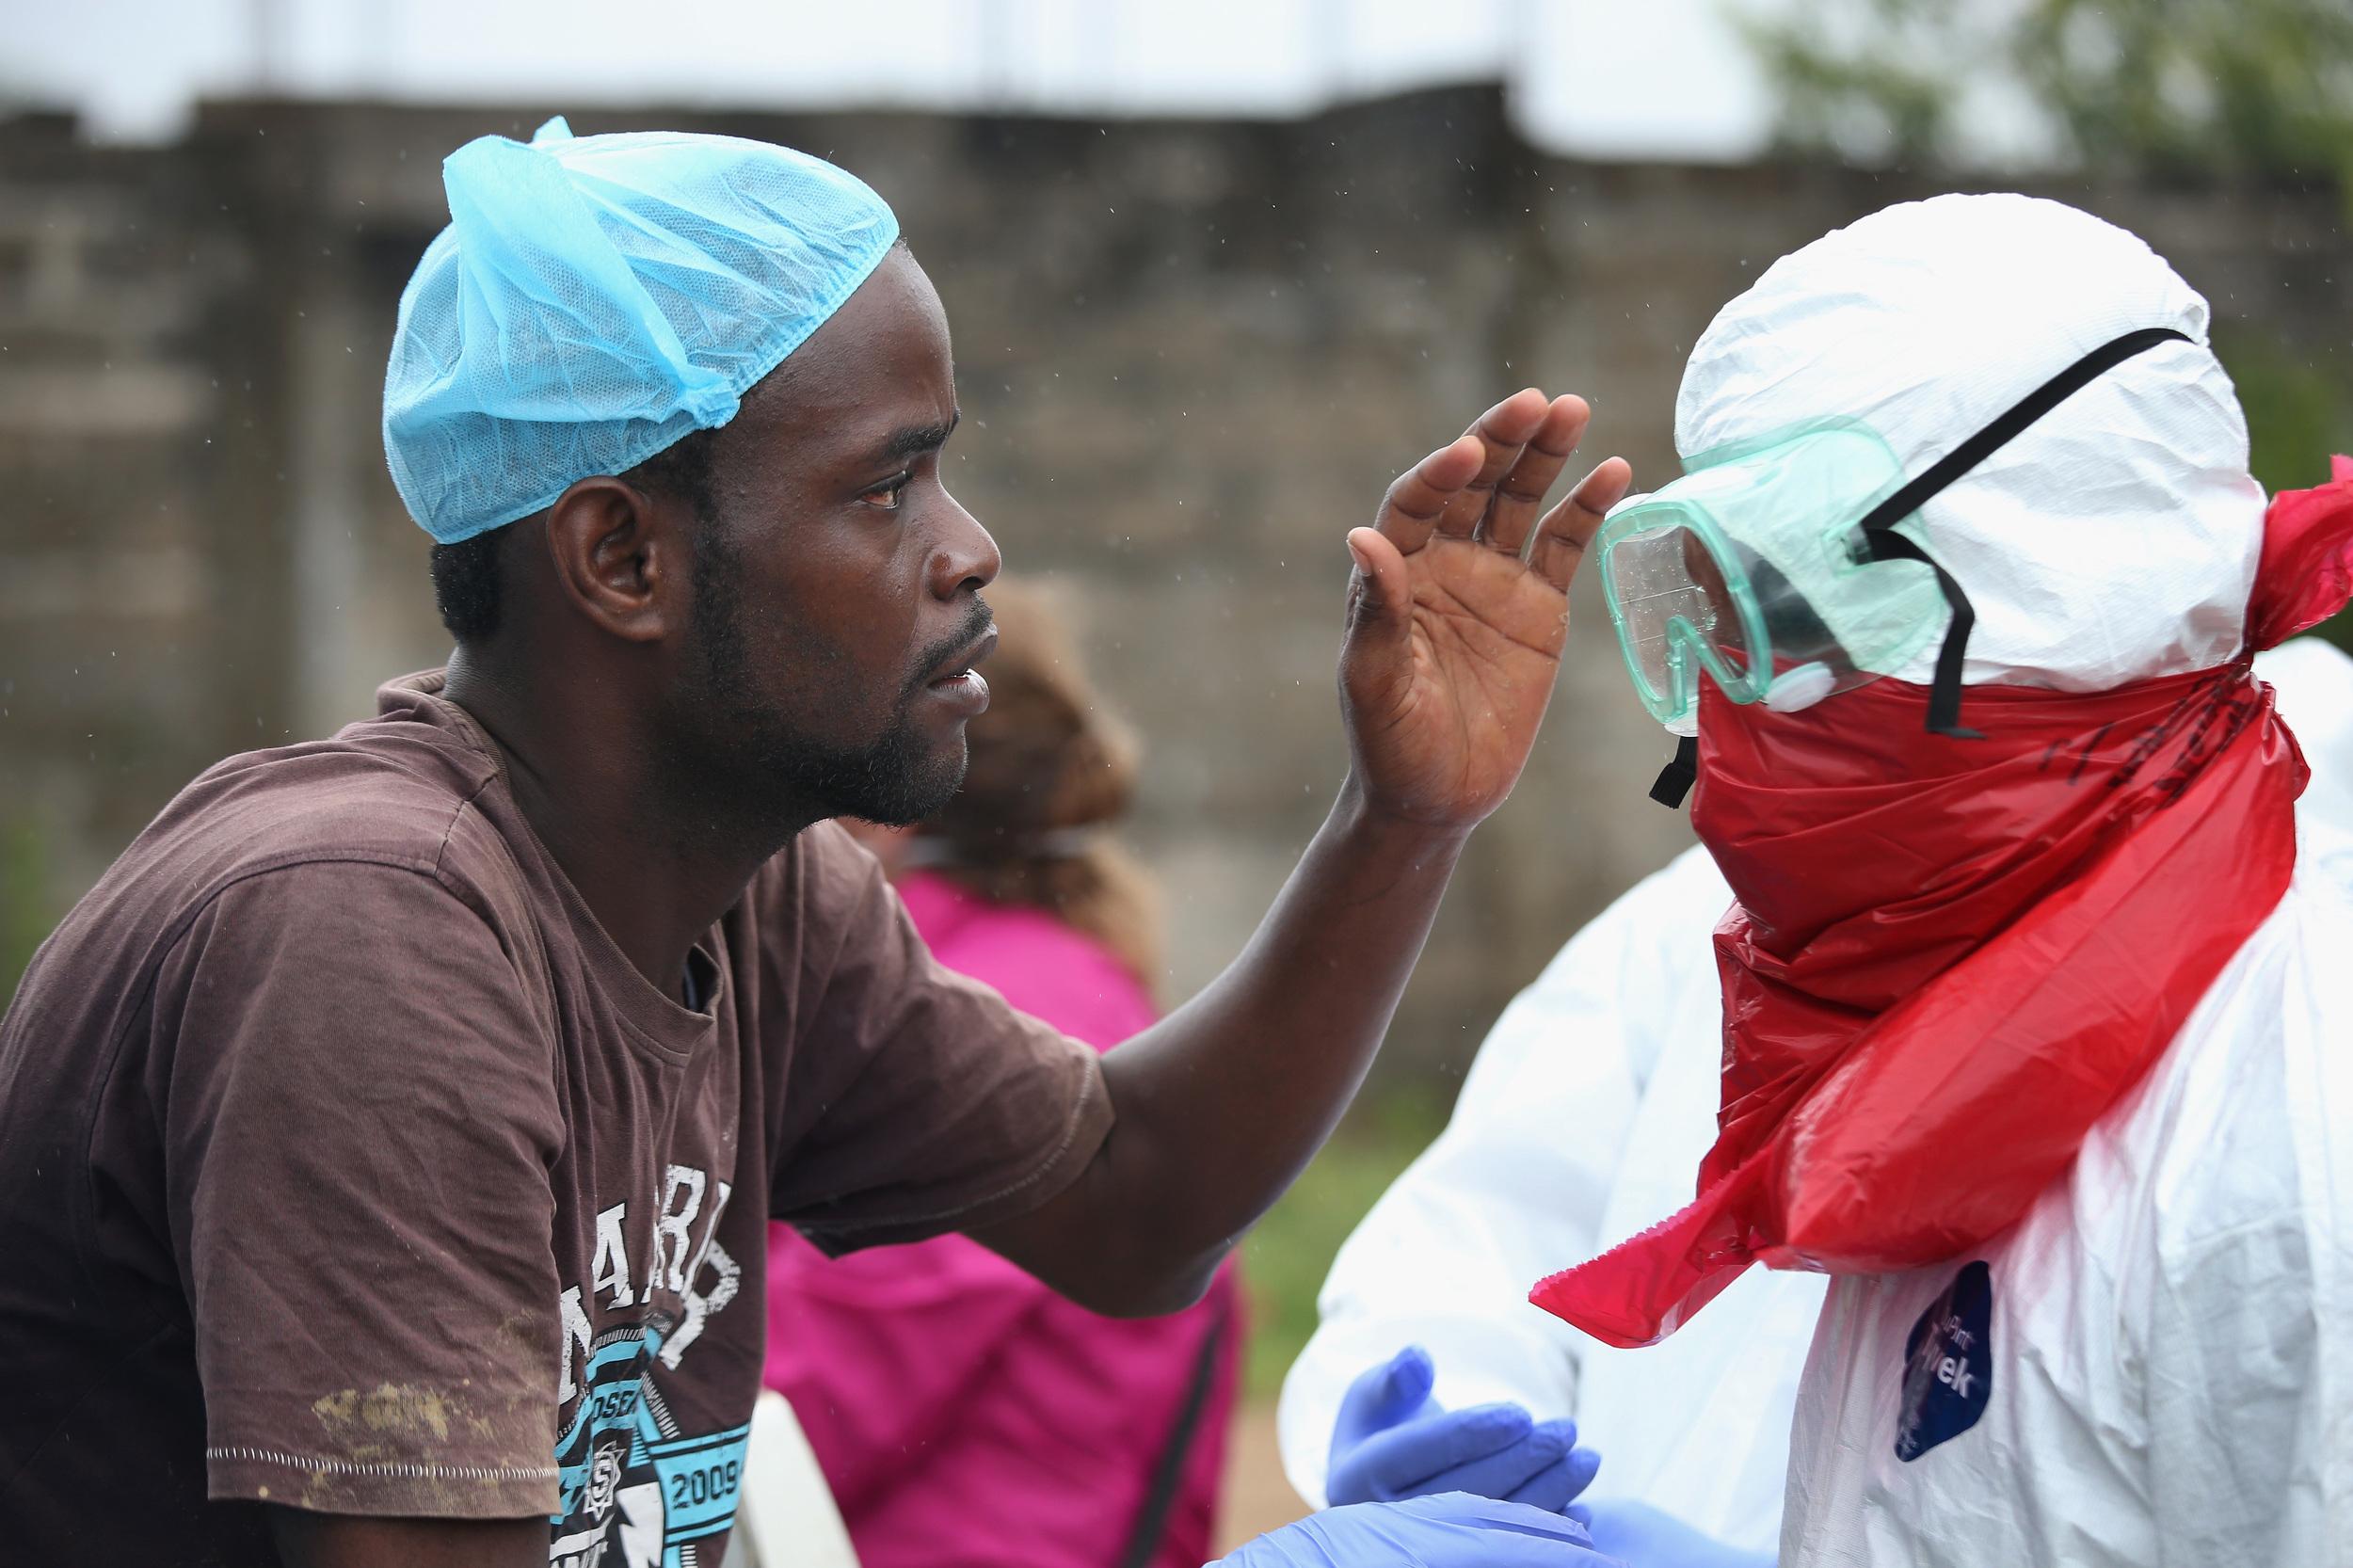 эбола это картинки окраса способна